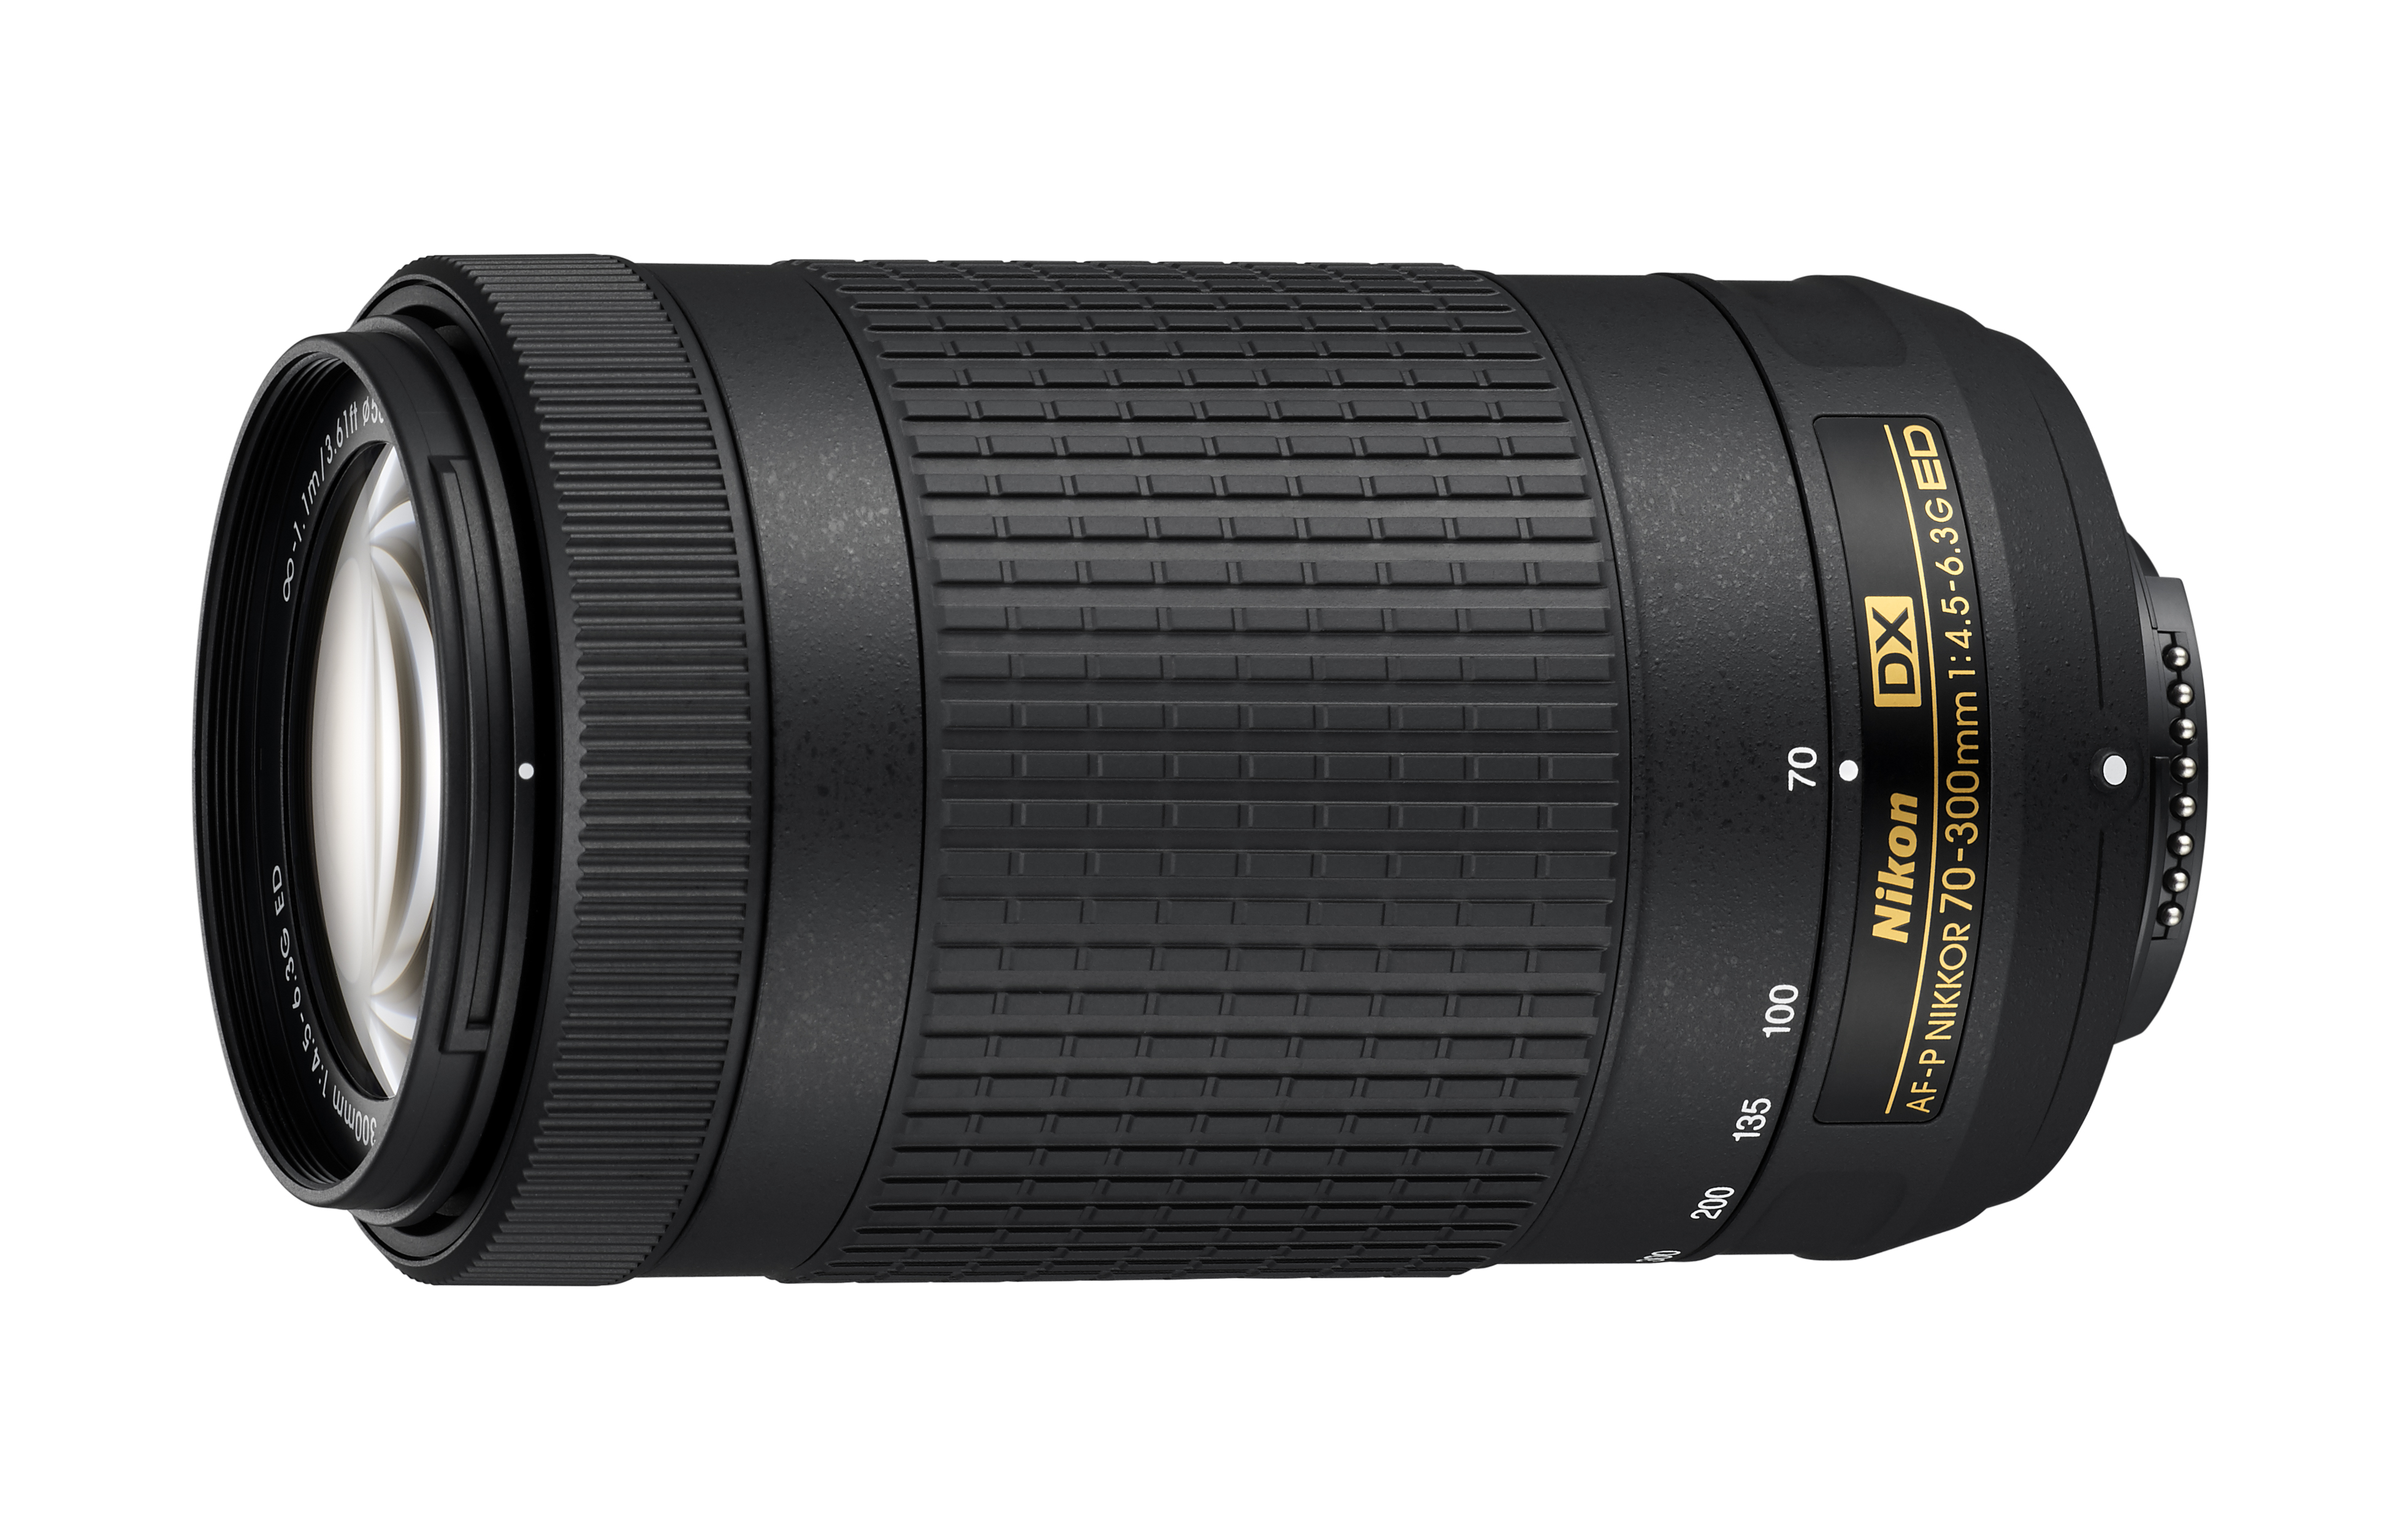 Nikon AF-P DX 70-300mm f/4.5-6.3 G ED Lens